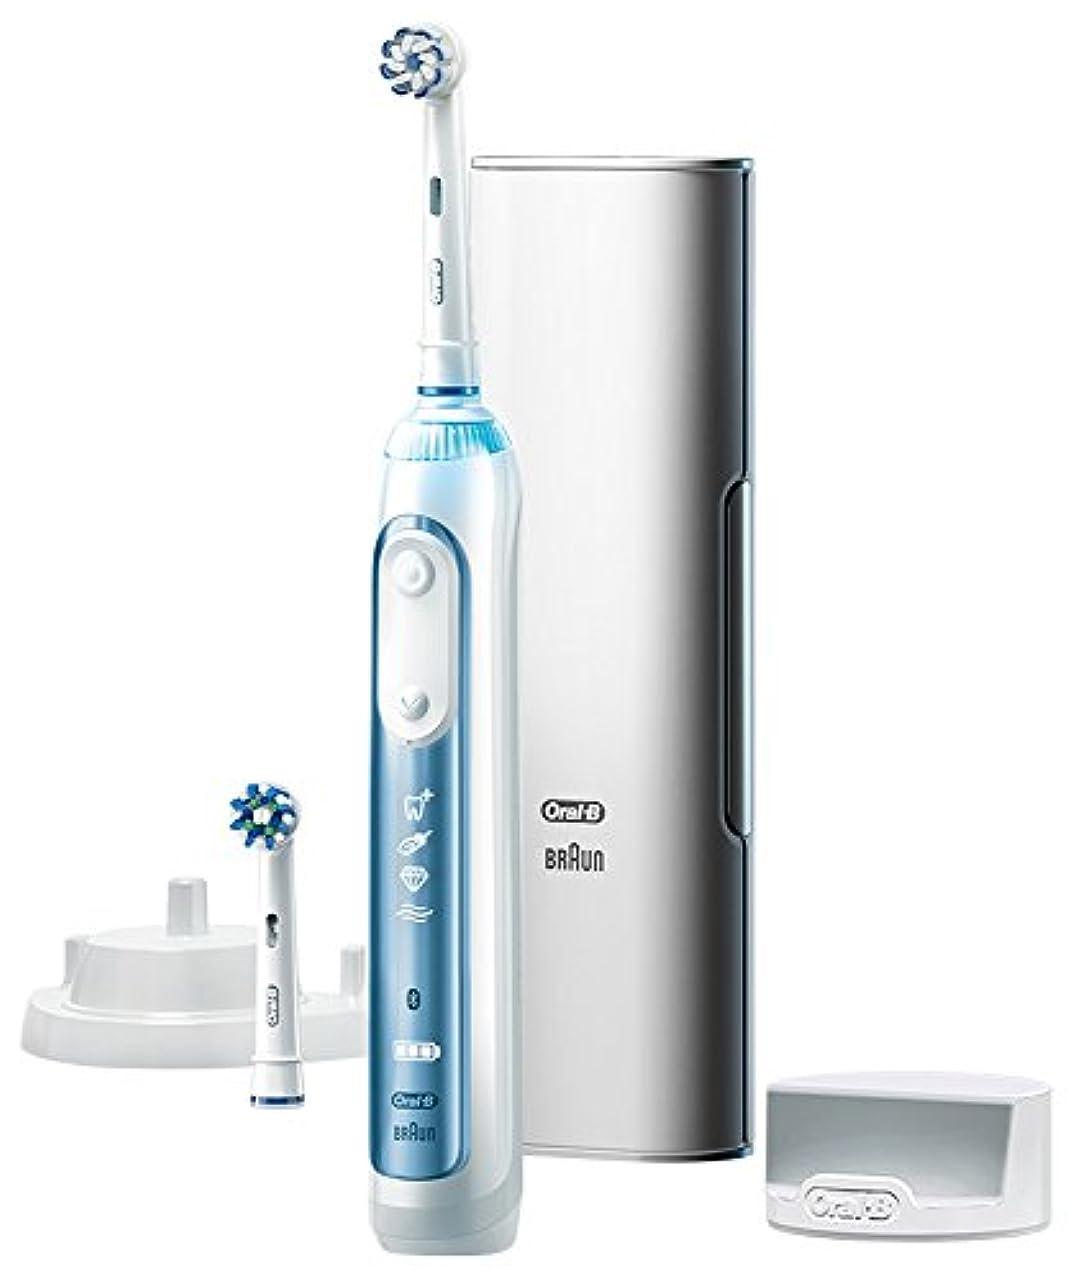 延期するポンドタヒチブラウン オーラルB 電動歯ブラシ スマート7000 D7005245XP D7005245XP